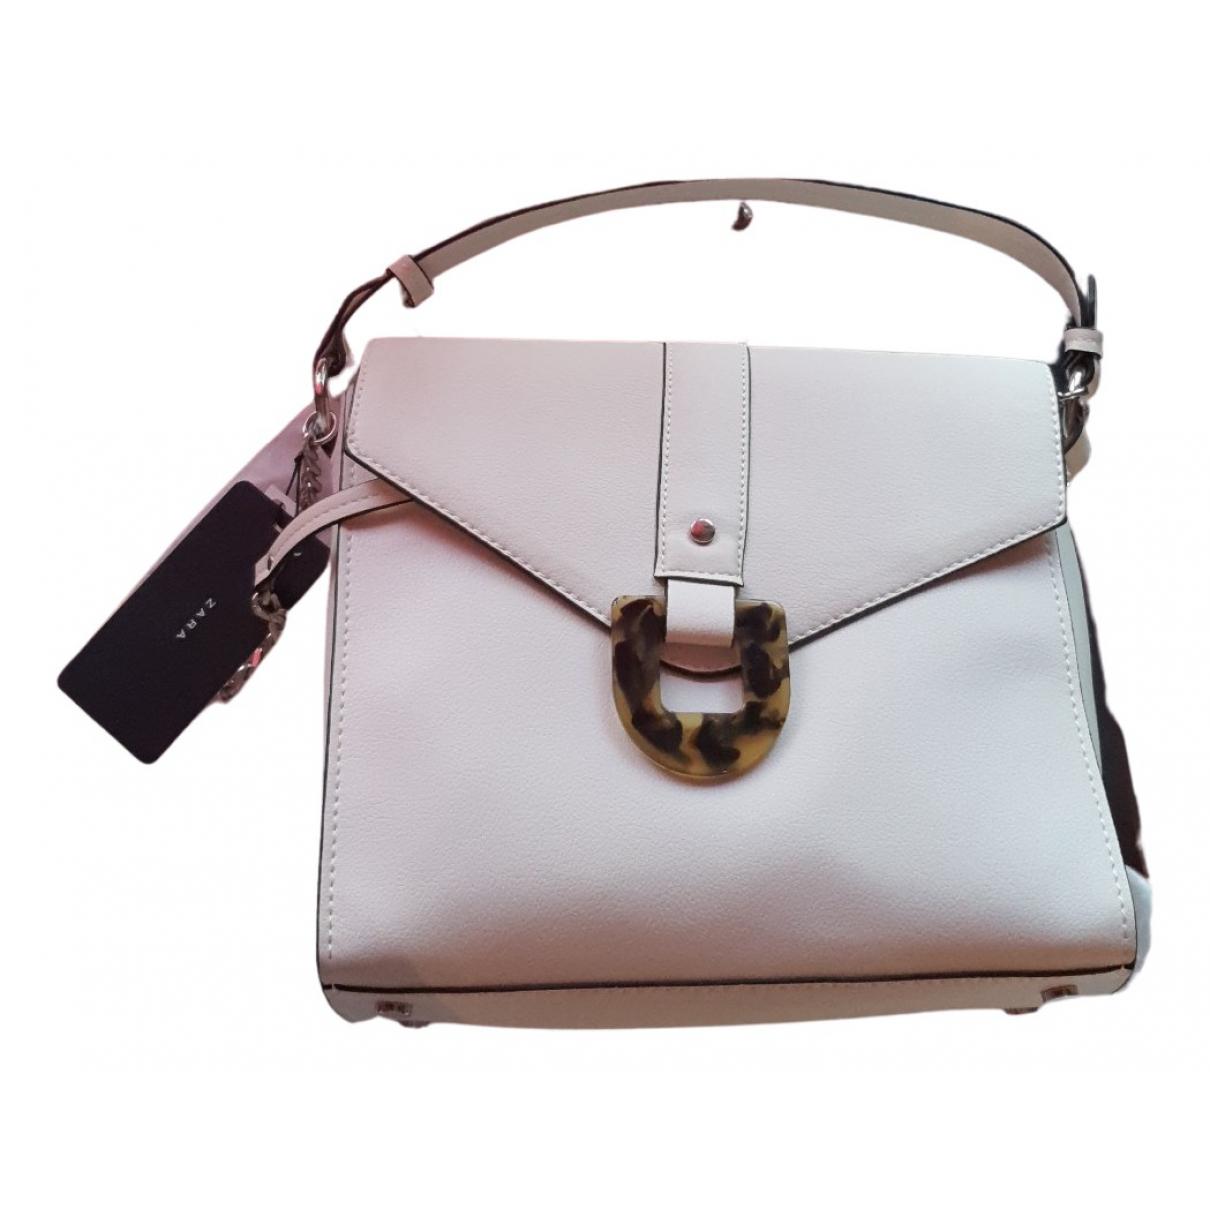 Zara N White Patent leather handbag for Women N